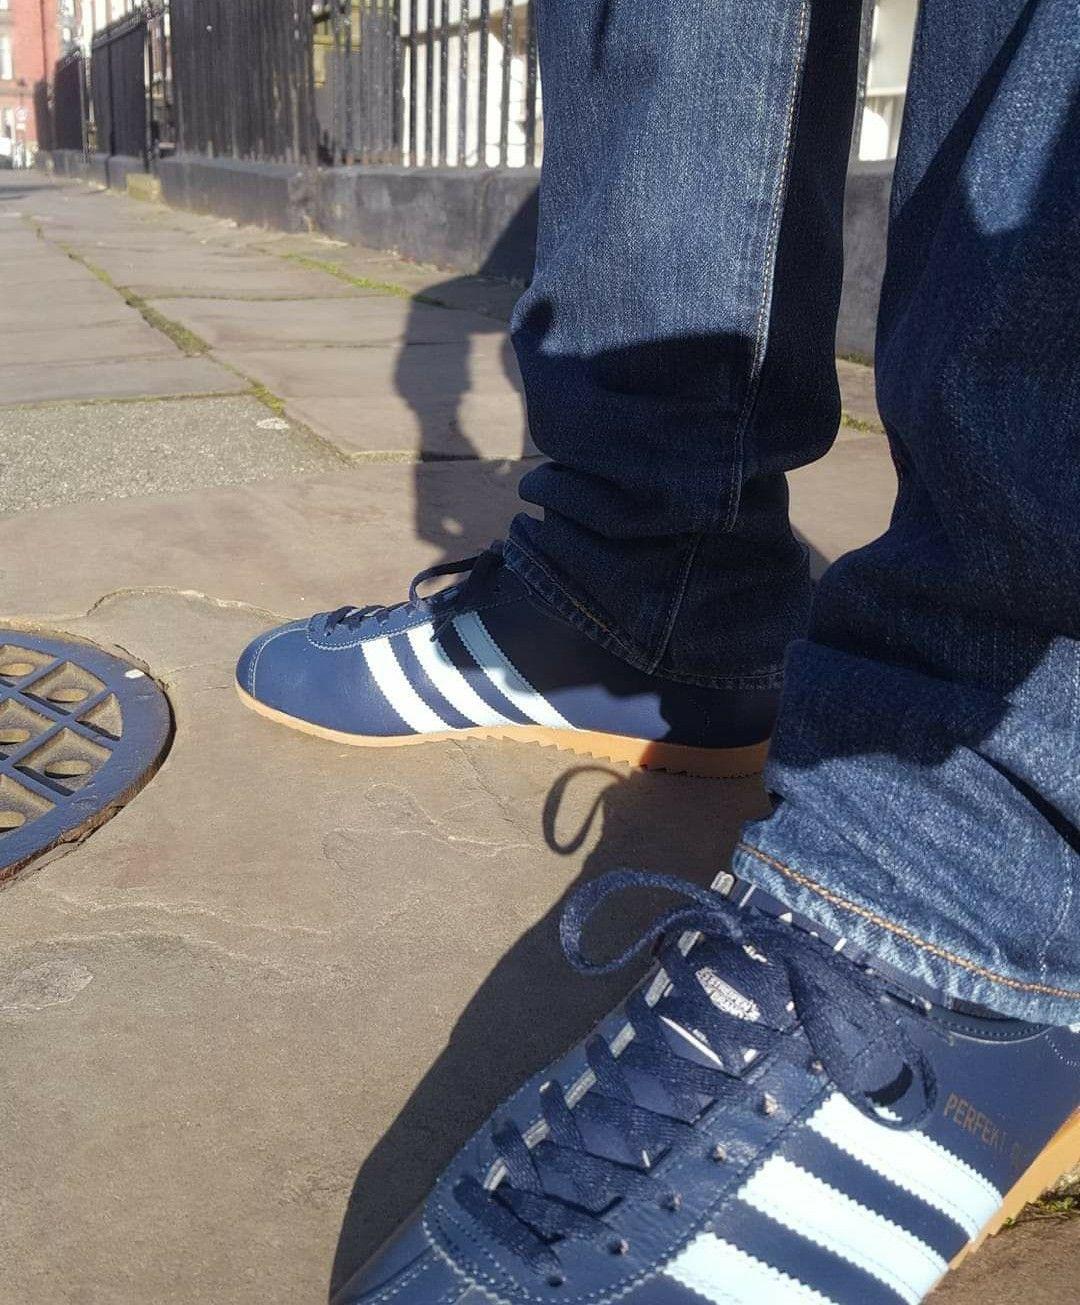 Vintage Austrian made Adidas Perfekt on feet on the street